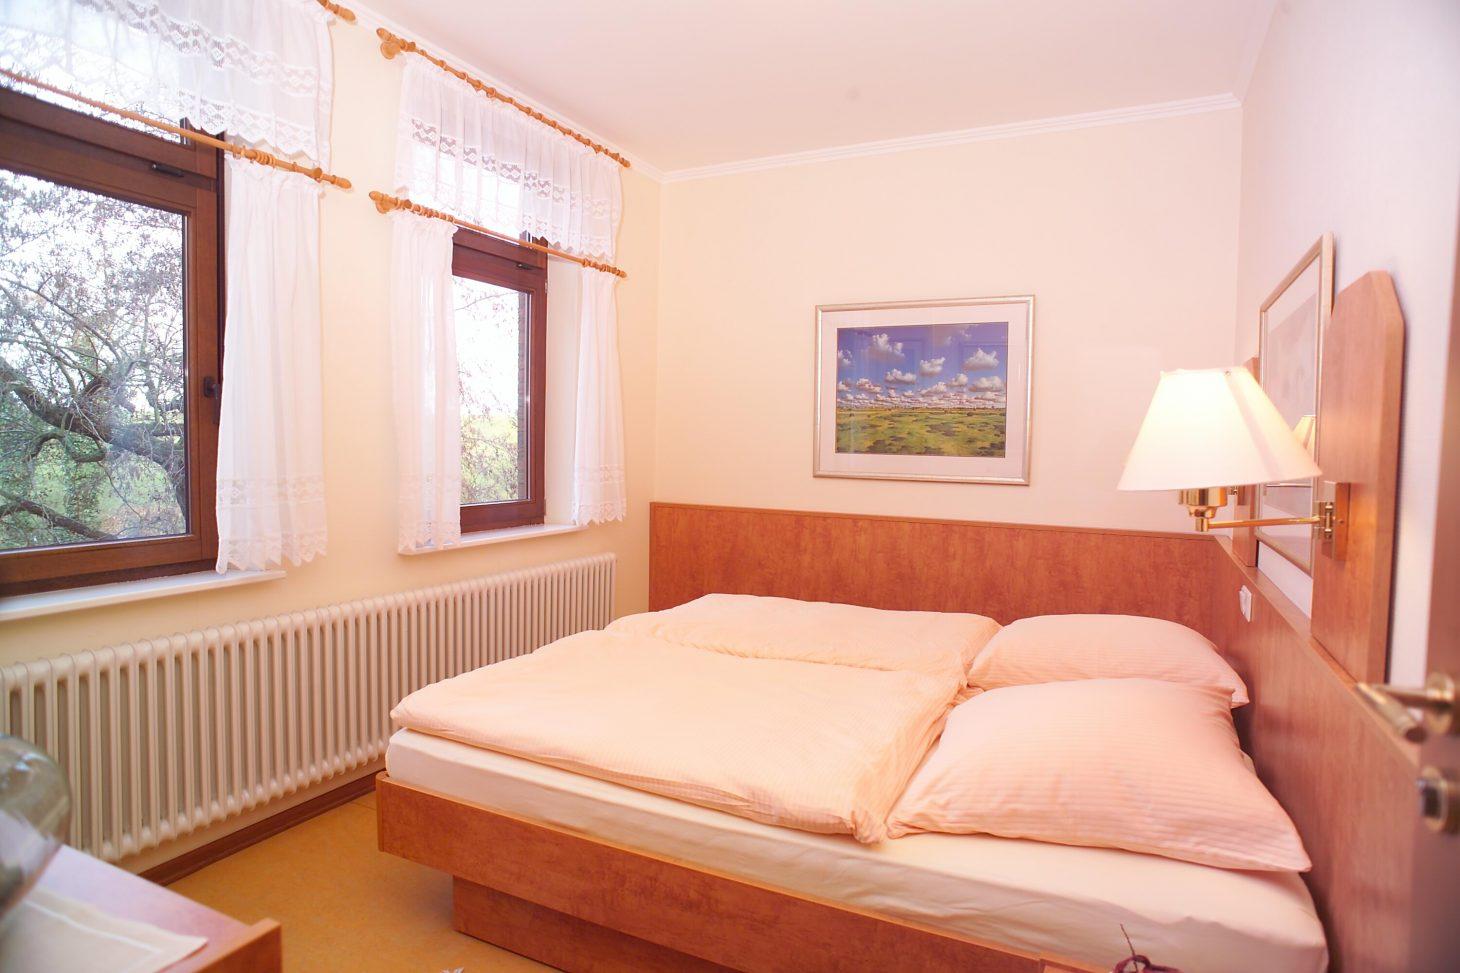 Hotel-Innenaufnahmen-Internetseite 005